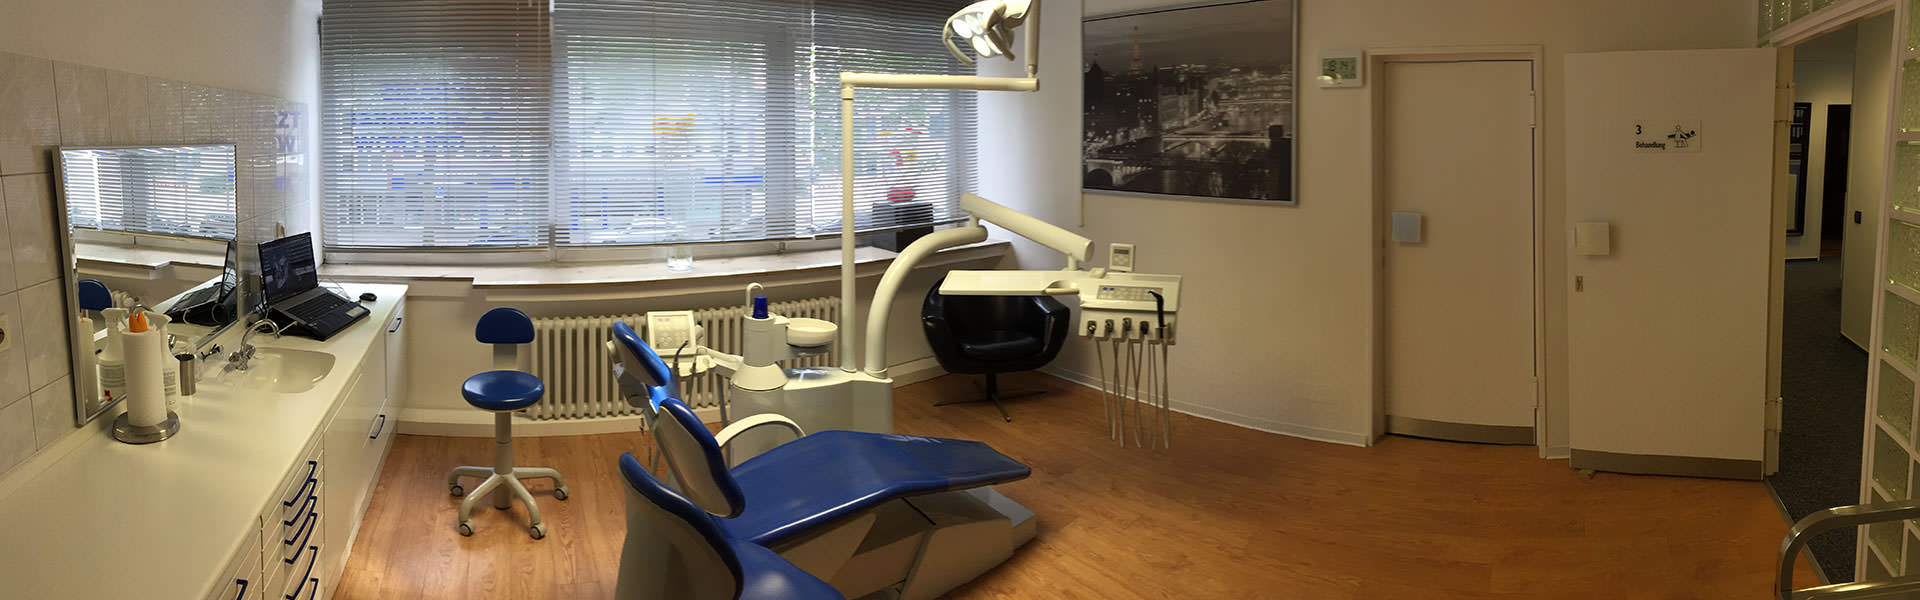 Wir freuen uns auf jeden Patienten - Zahnarzt Gollnow.